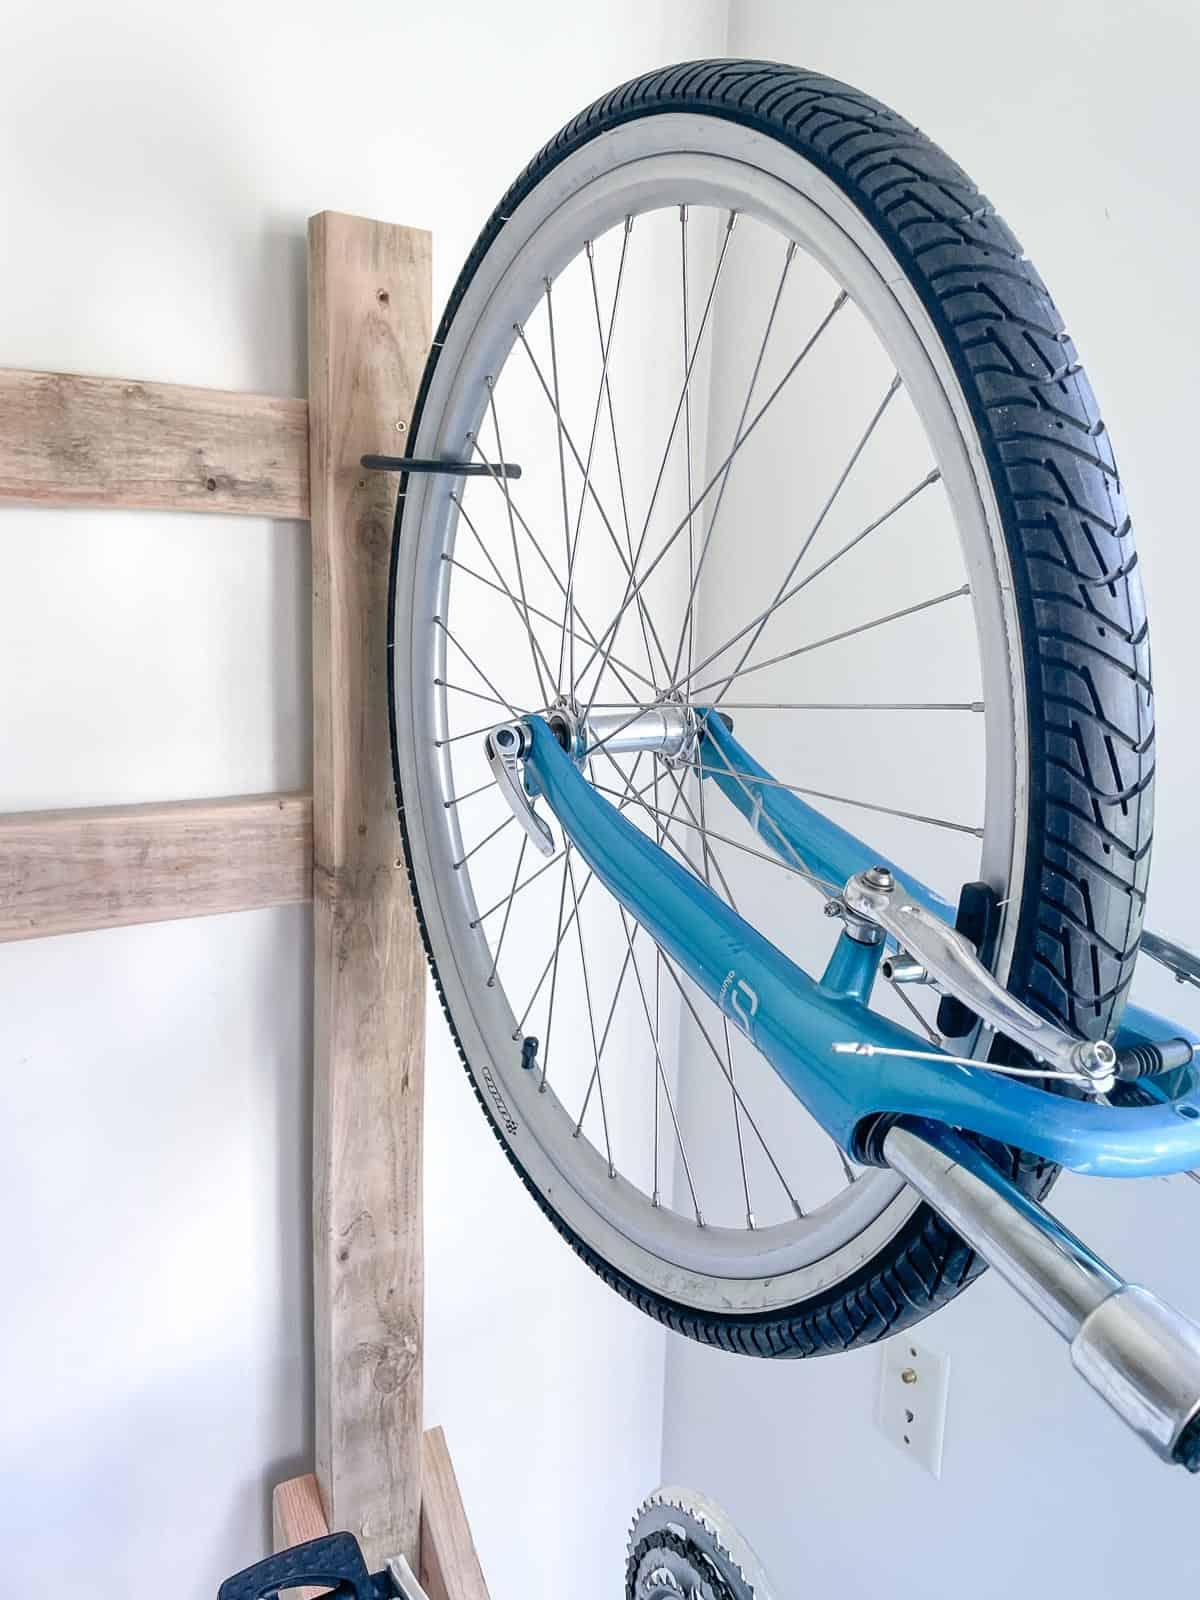 2x4 bike rack with wheel on hook